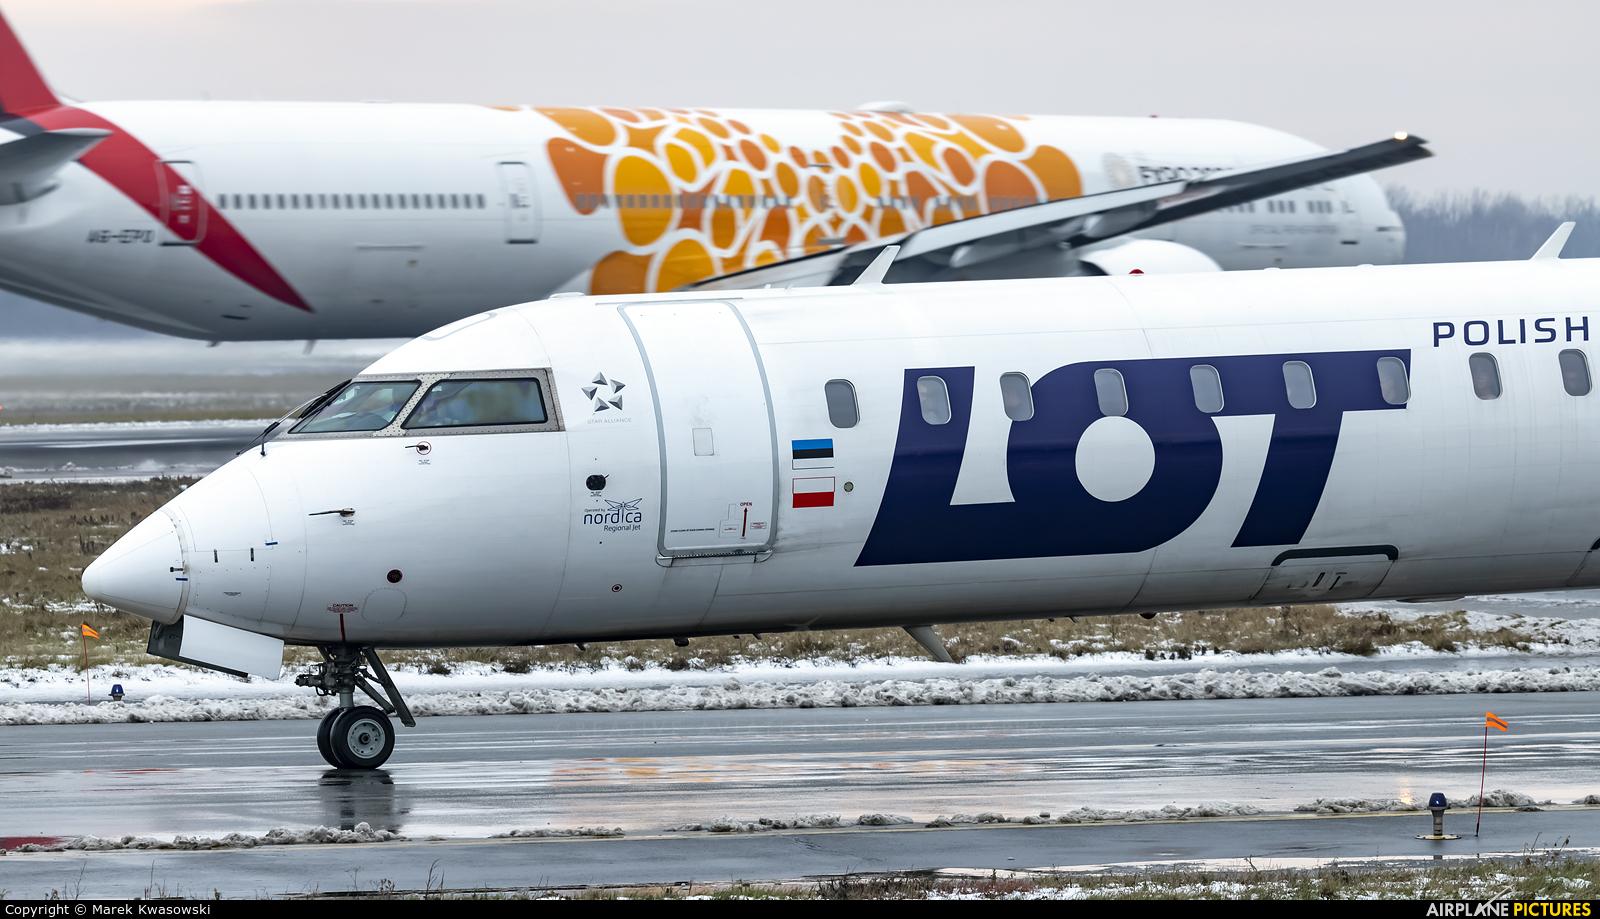 LOT - Polish Airlines ES-ACK aircraft at Warsaw - Frederic Chopin